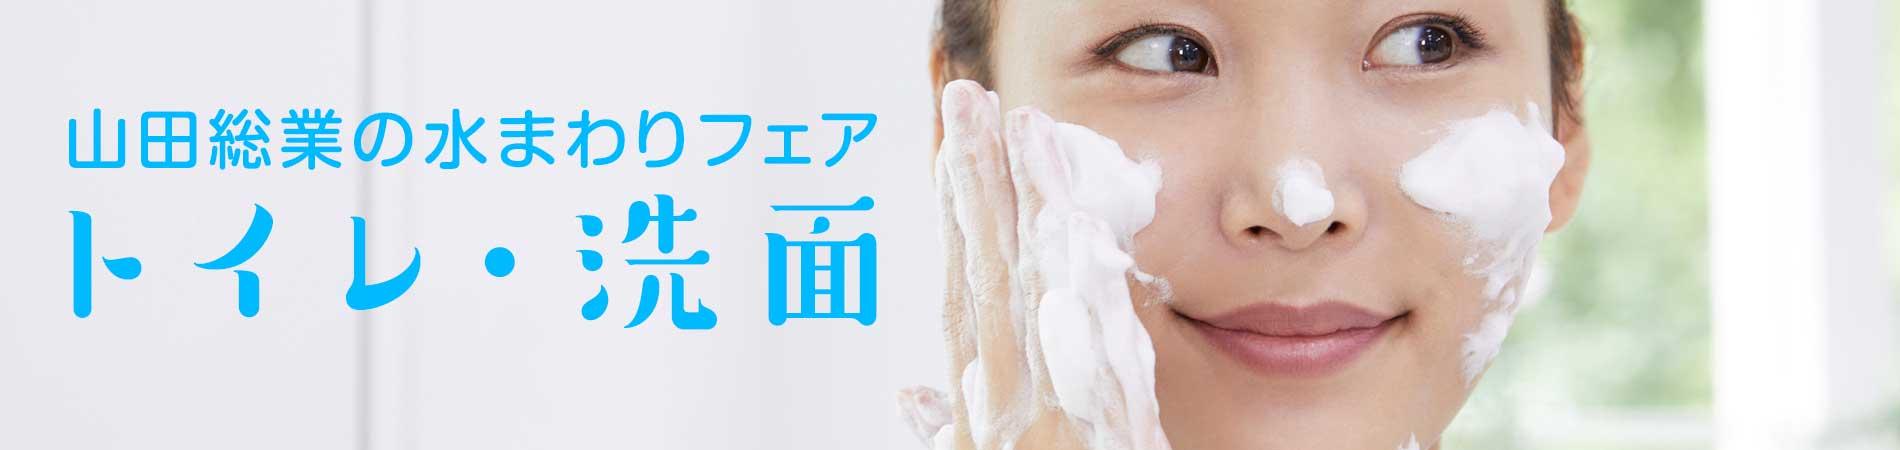 お得なフェアでトイレを選ぼう|千葉県船橋市の上下水道の工事会社